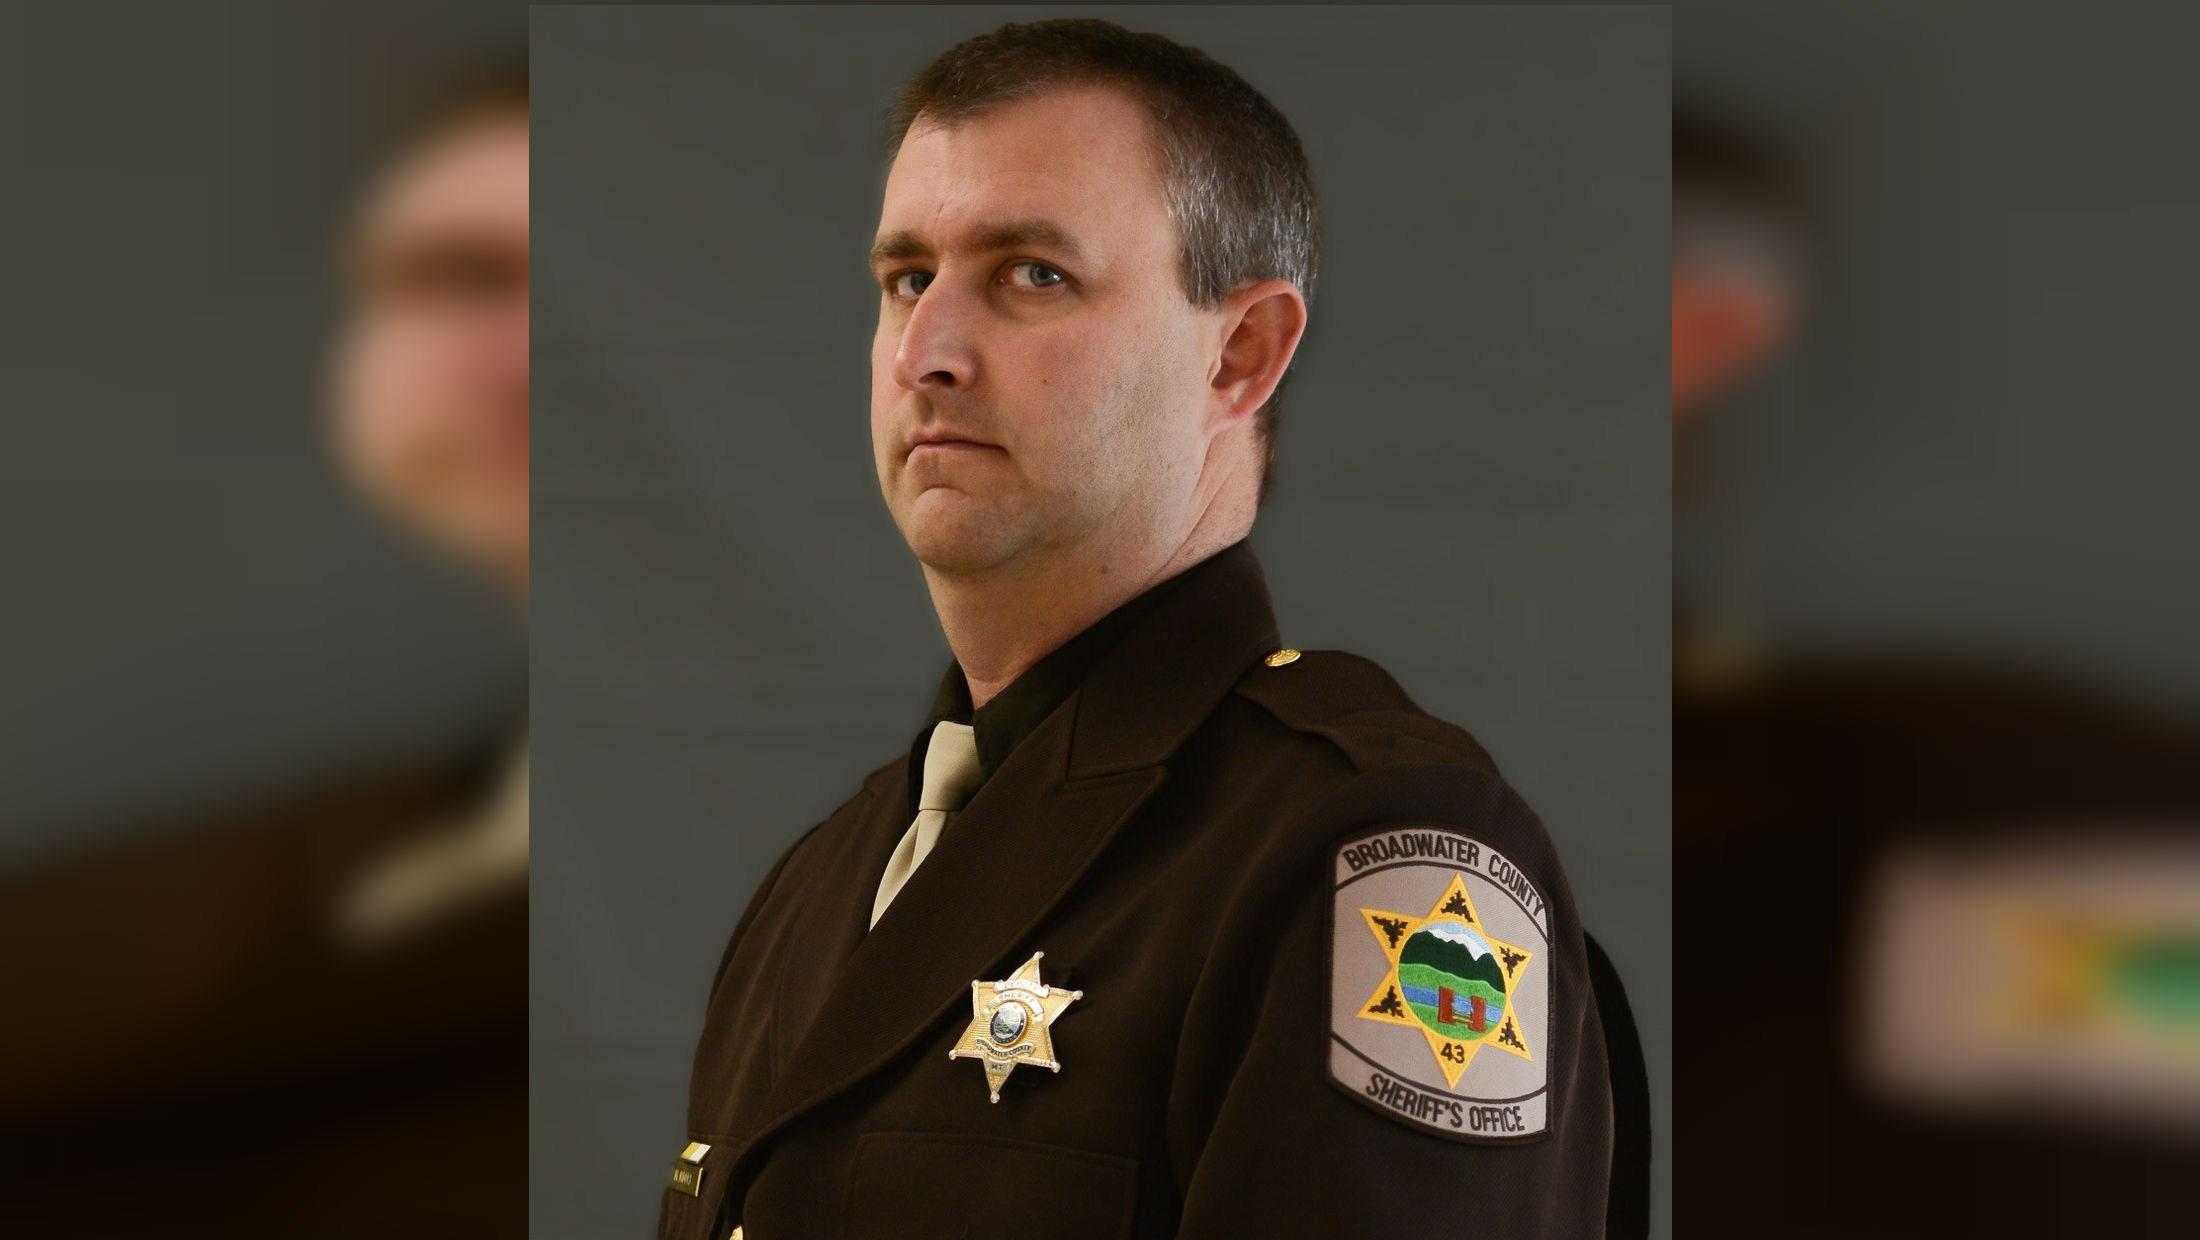 Deputy Mason Moore